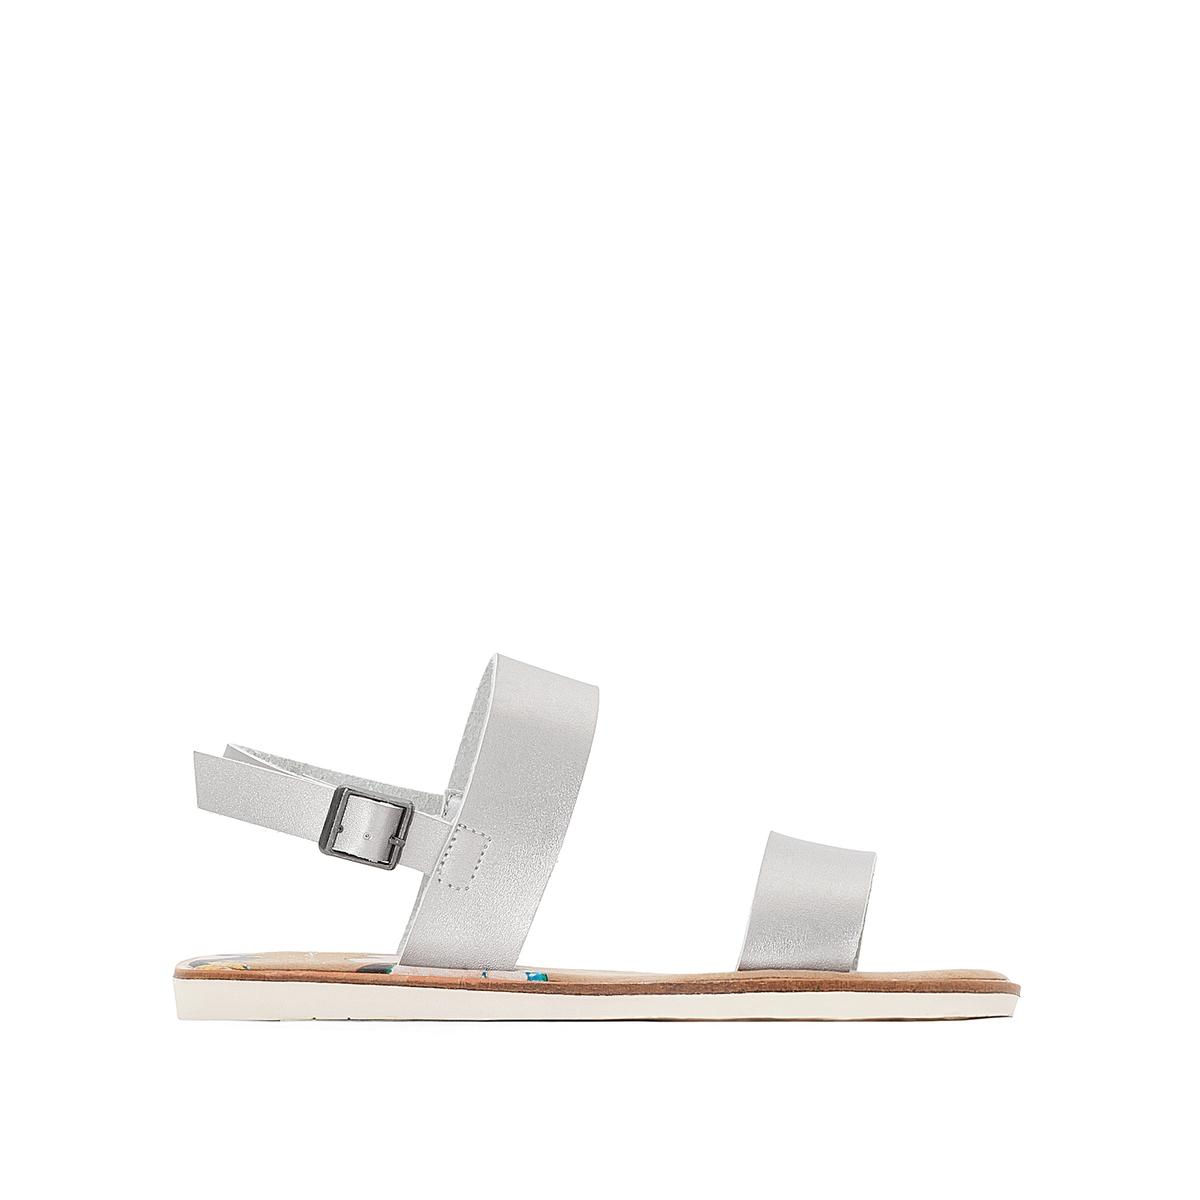 Босоножки MorelВерх/Голенище : синтетика   Стелька : микрофибра  Подошва : каучук   Форма каблука : плоский каблук  Мысок : закругленный мысок  Застежка : пряжка<br><br>Цвет: серебристый<br>Размер: 37.36.38